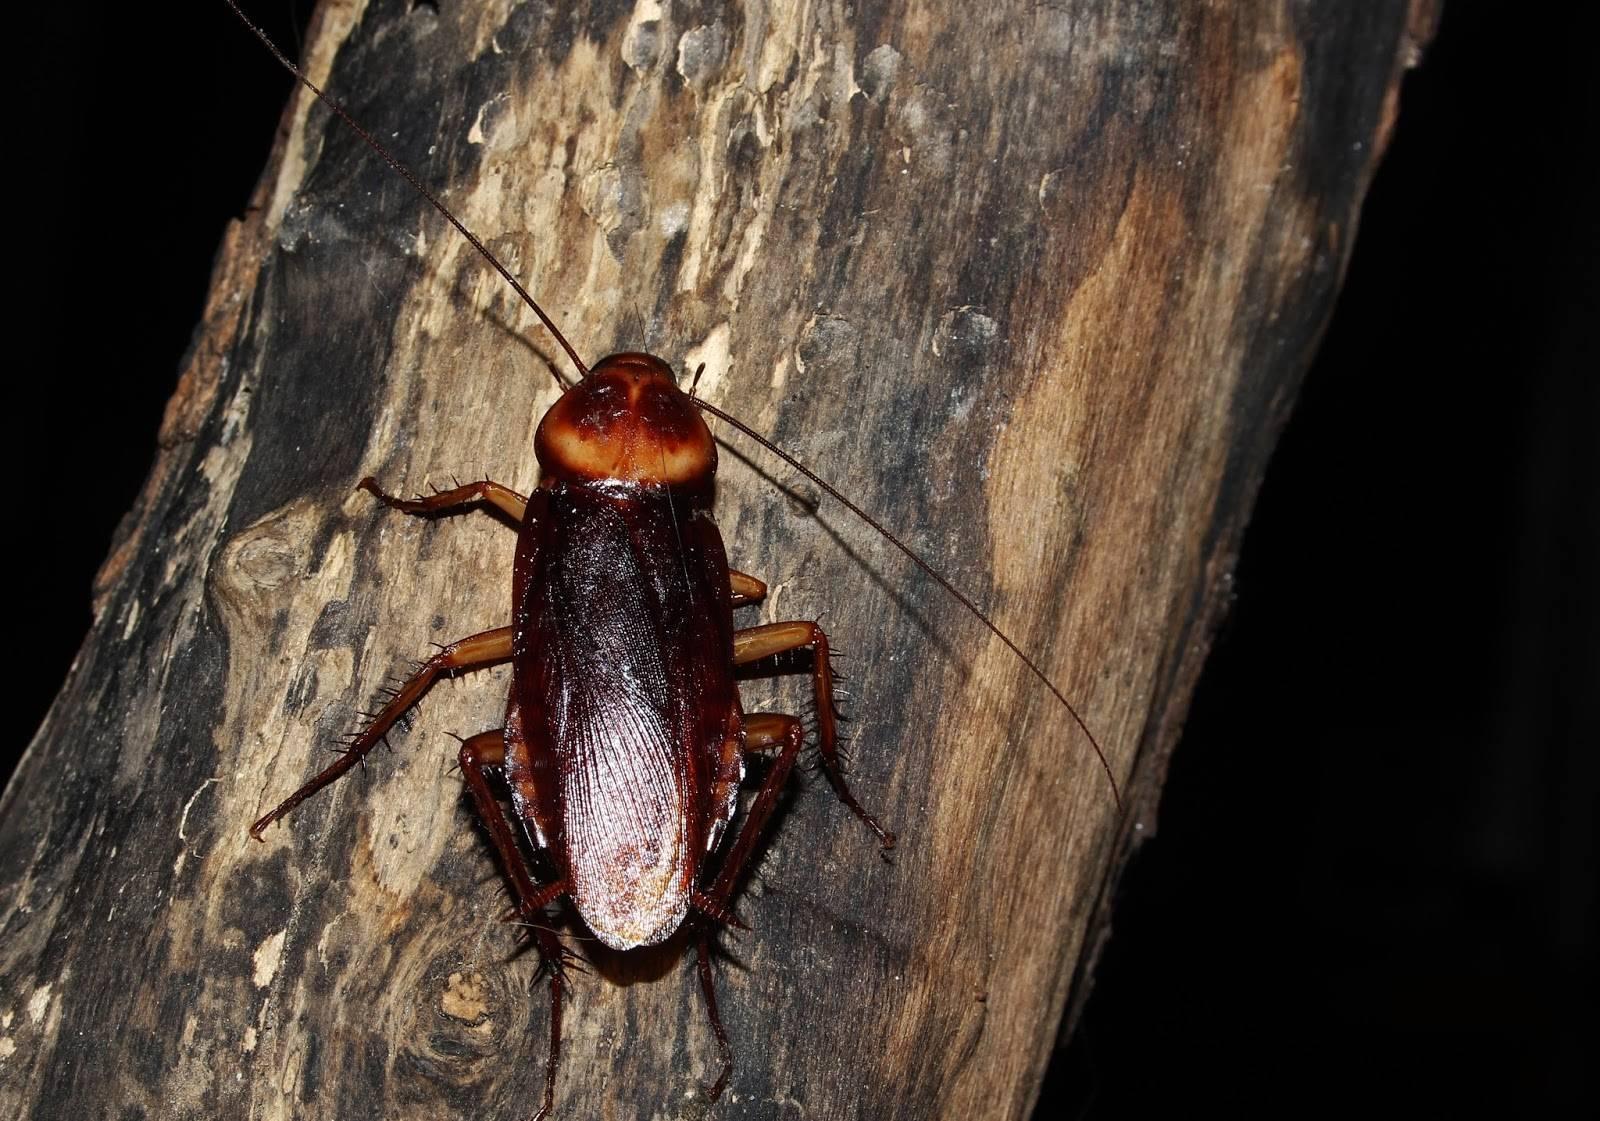 Американский таракан: в квартире, описание, как избавится, чем питаются, фото, видео